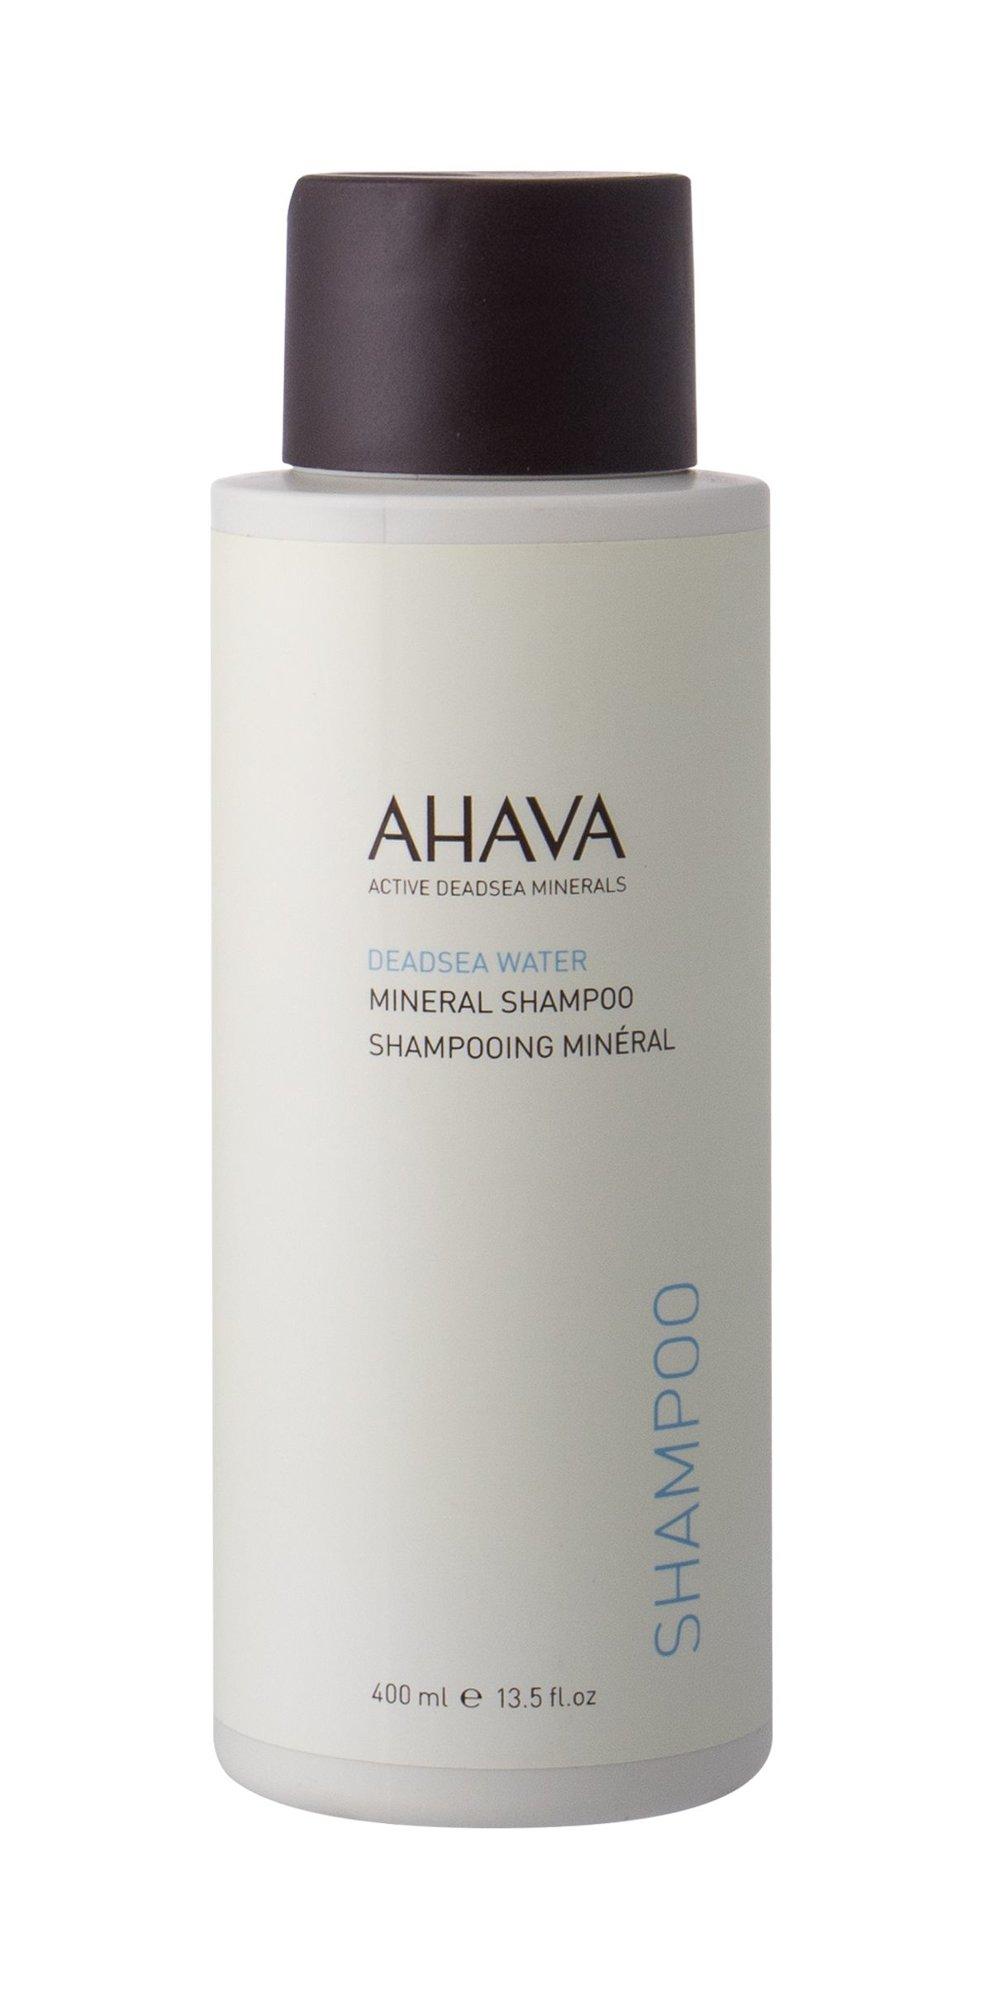 Šampūnas AHAVA Deadsea Water